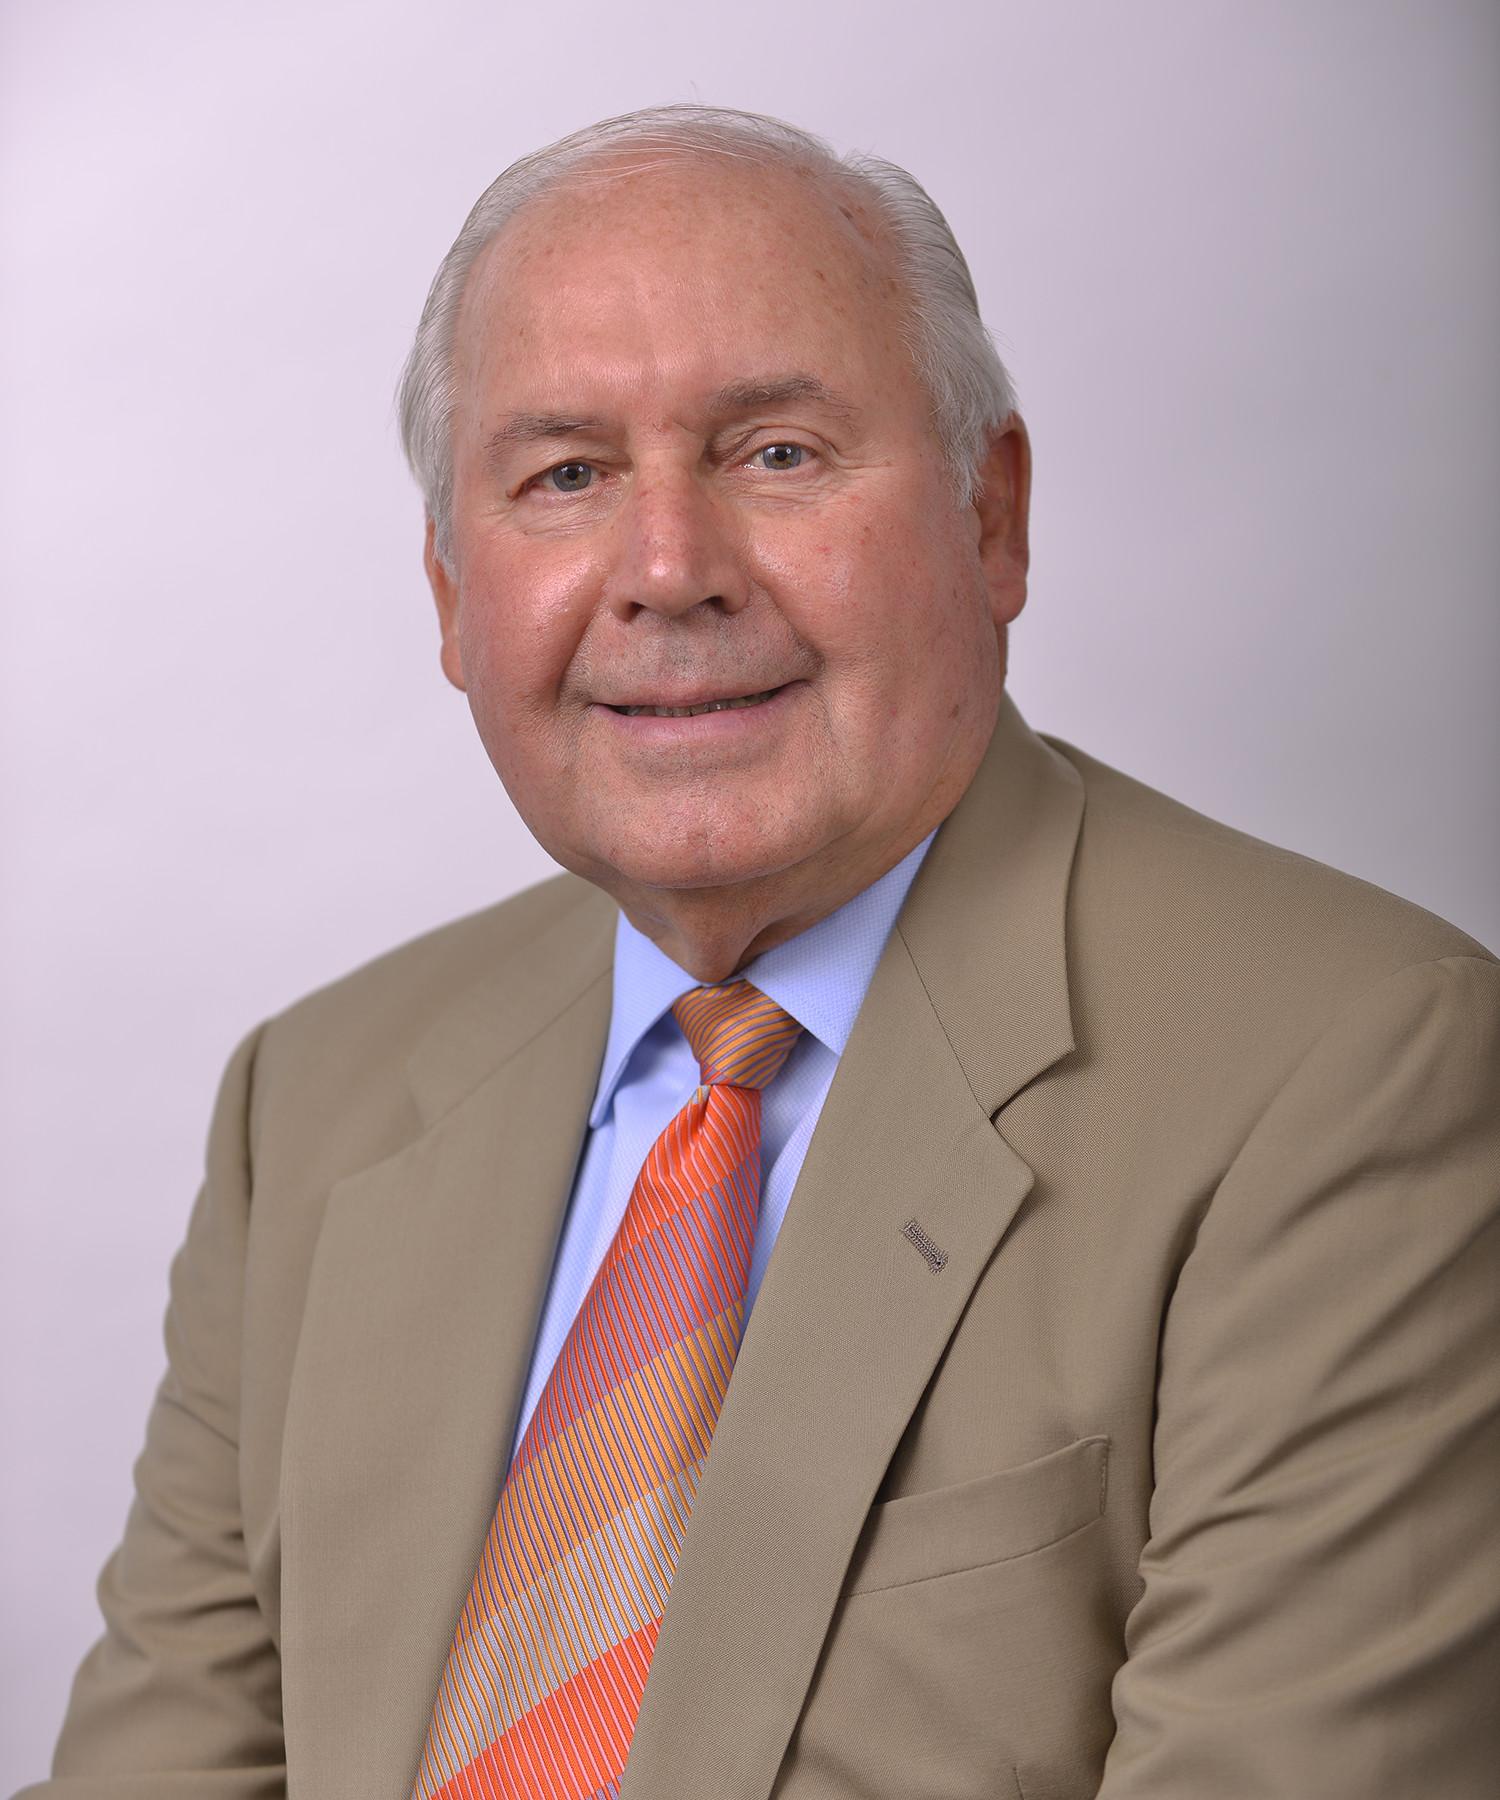 James R. Unger